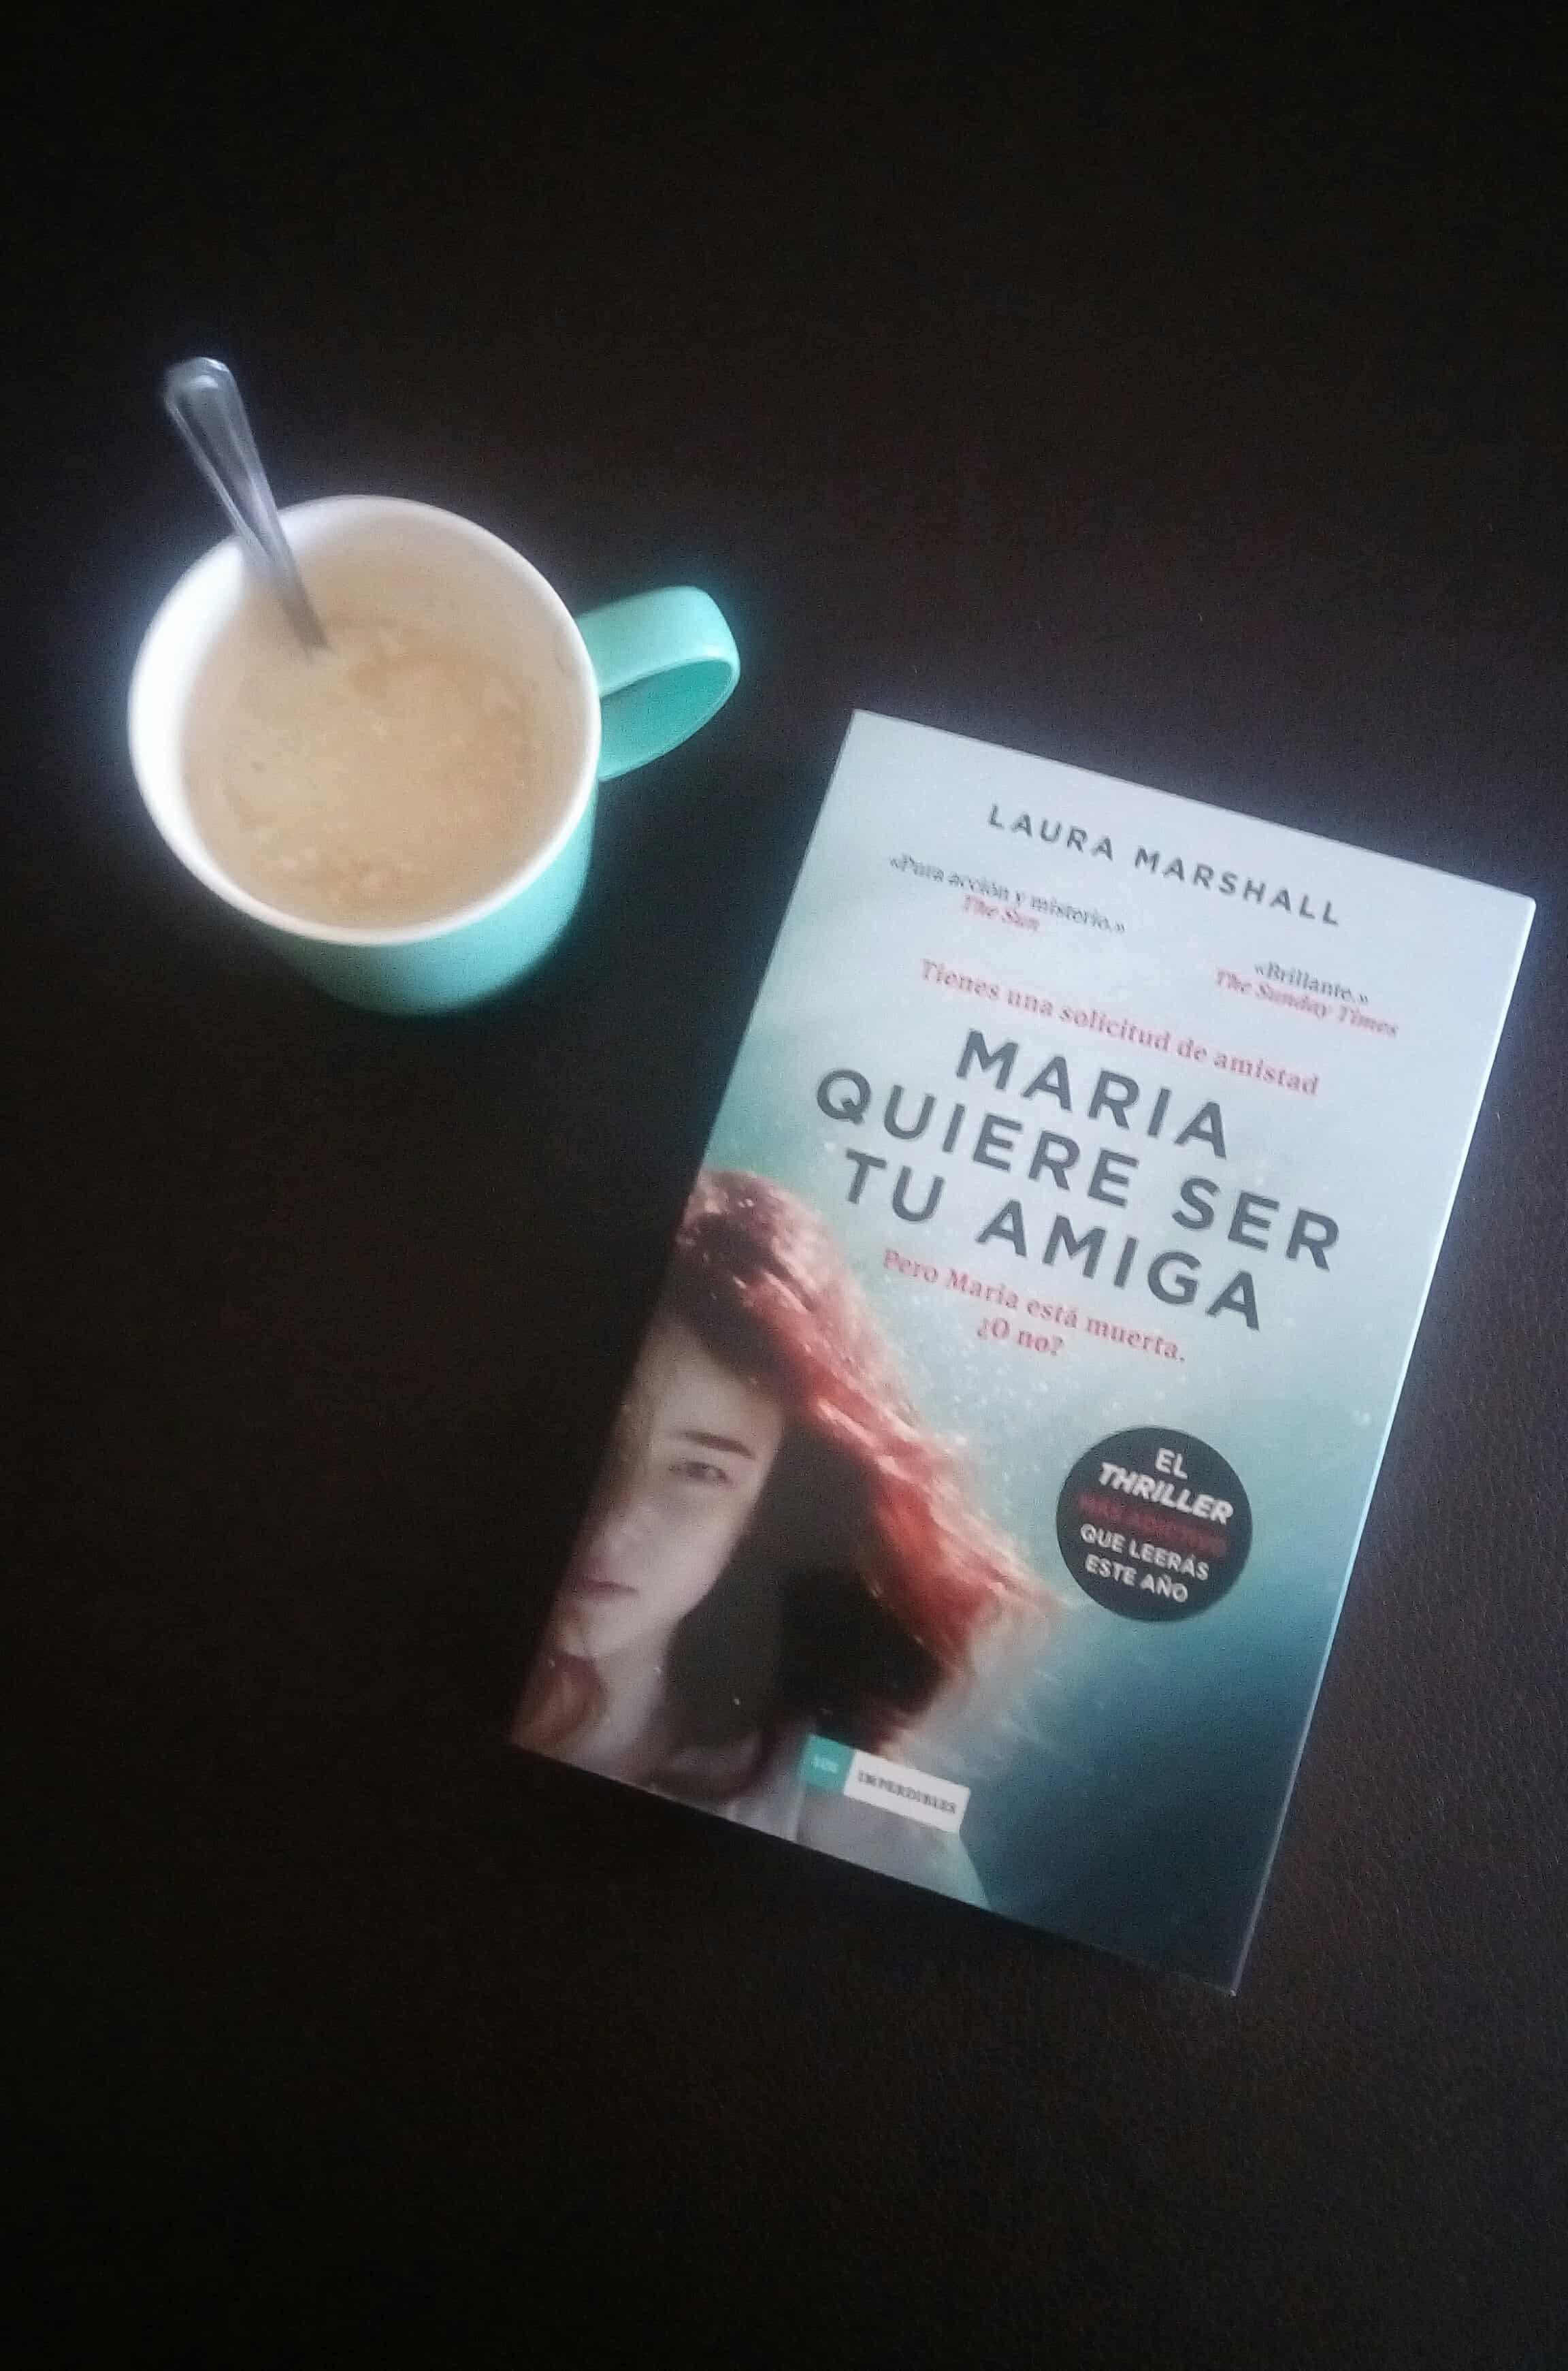 MARÍA QUIERE SER TU AMIGA, de Laura Marshall.